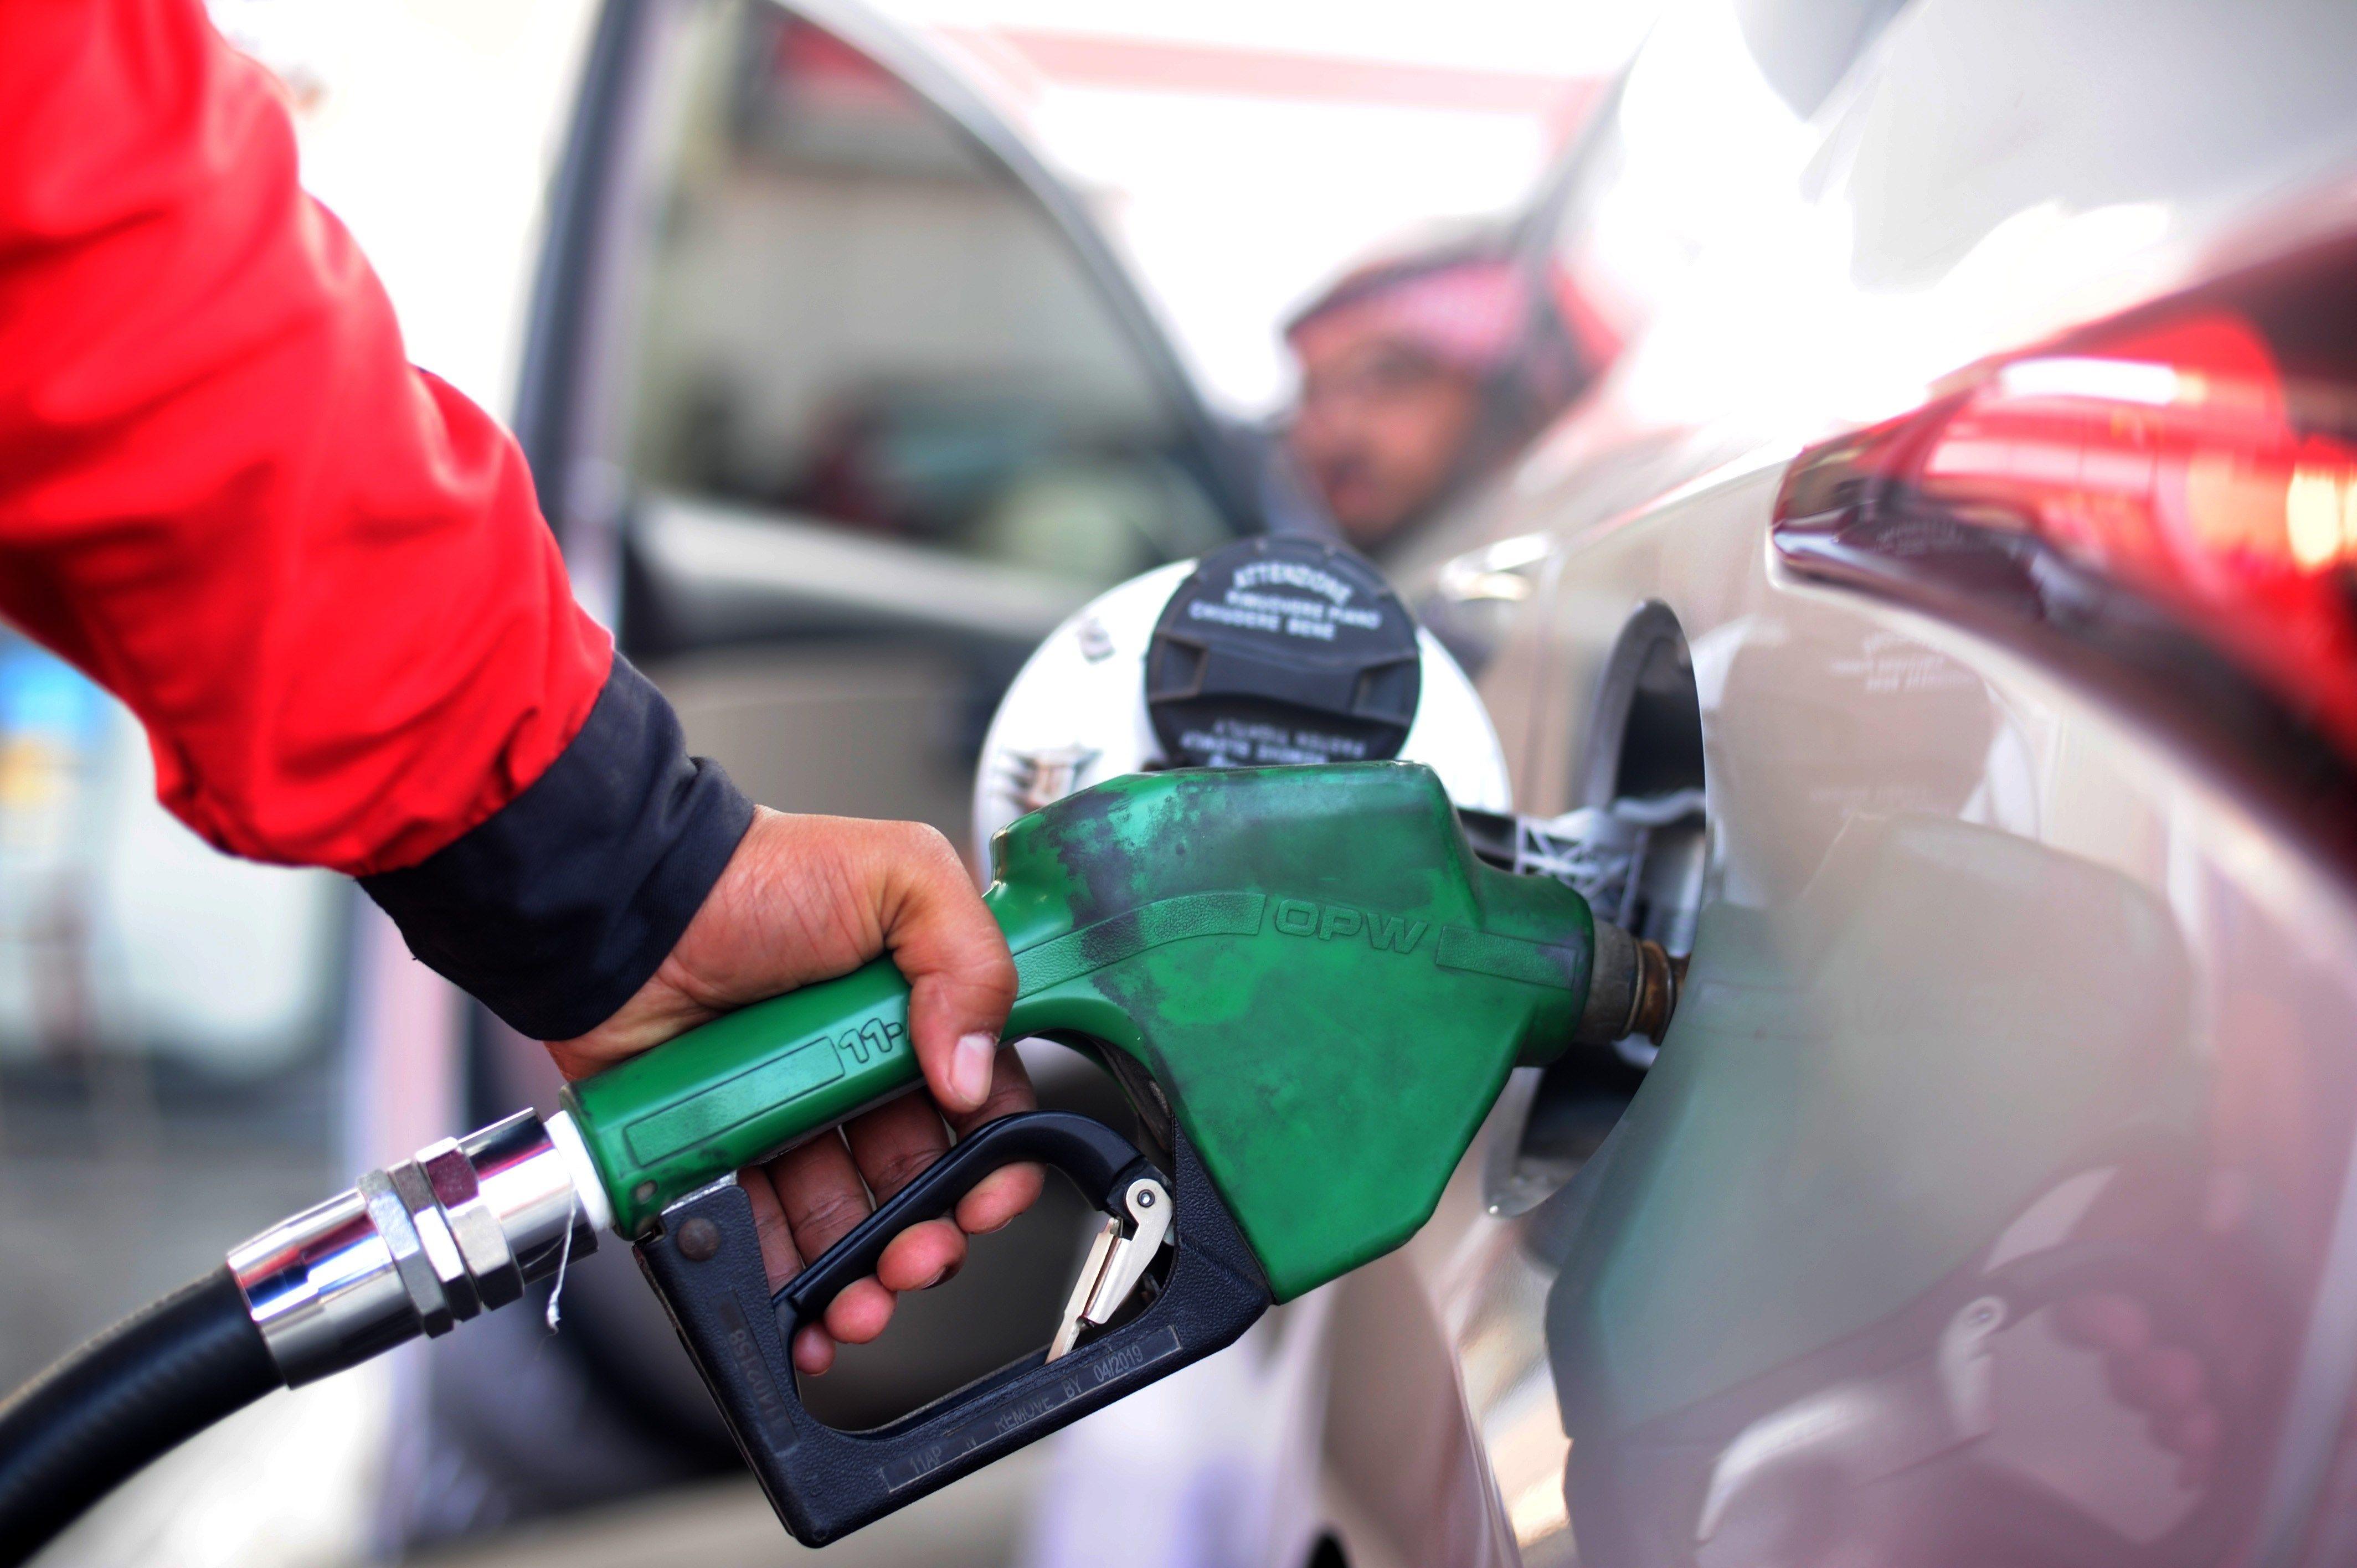 Bear market for oil sector drills energy stocks